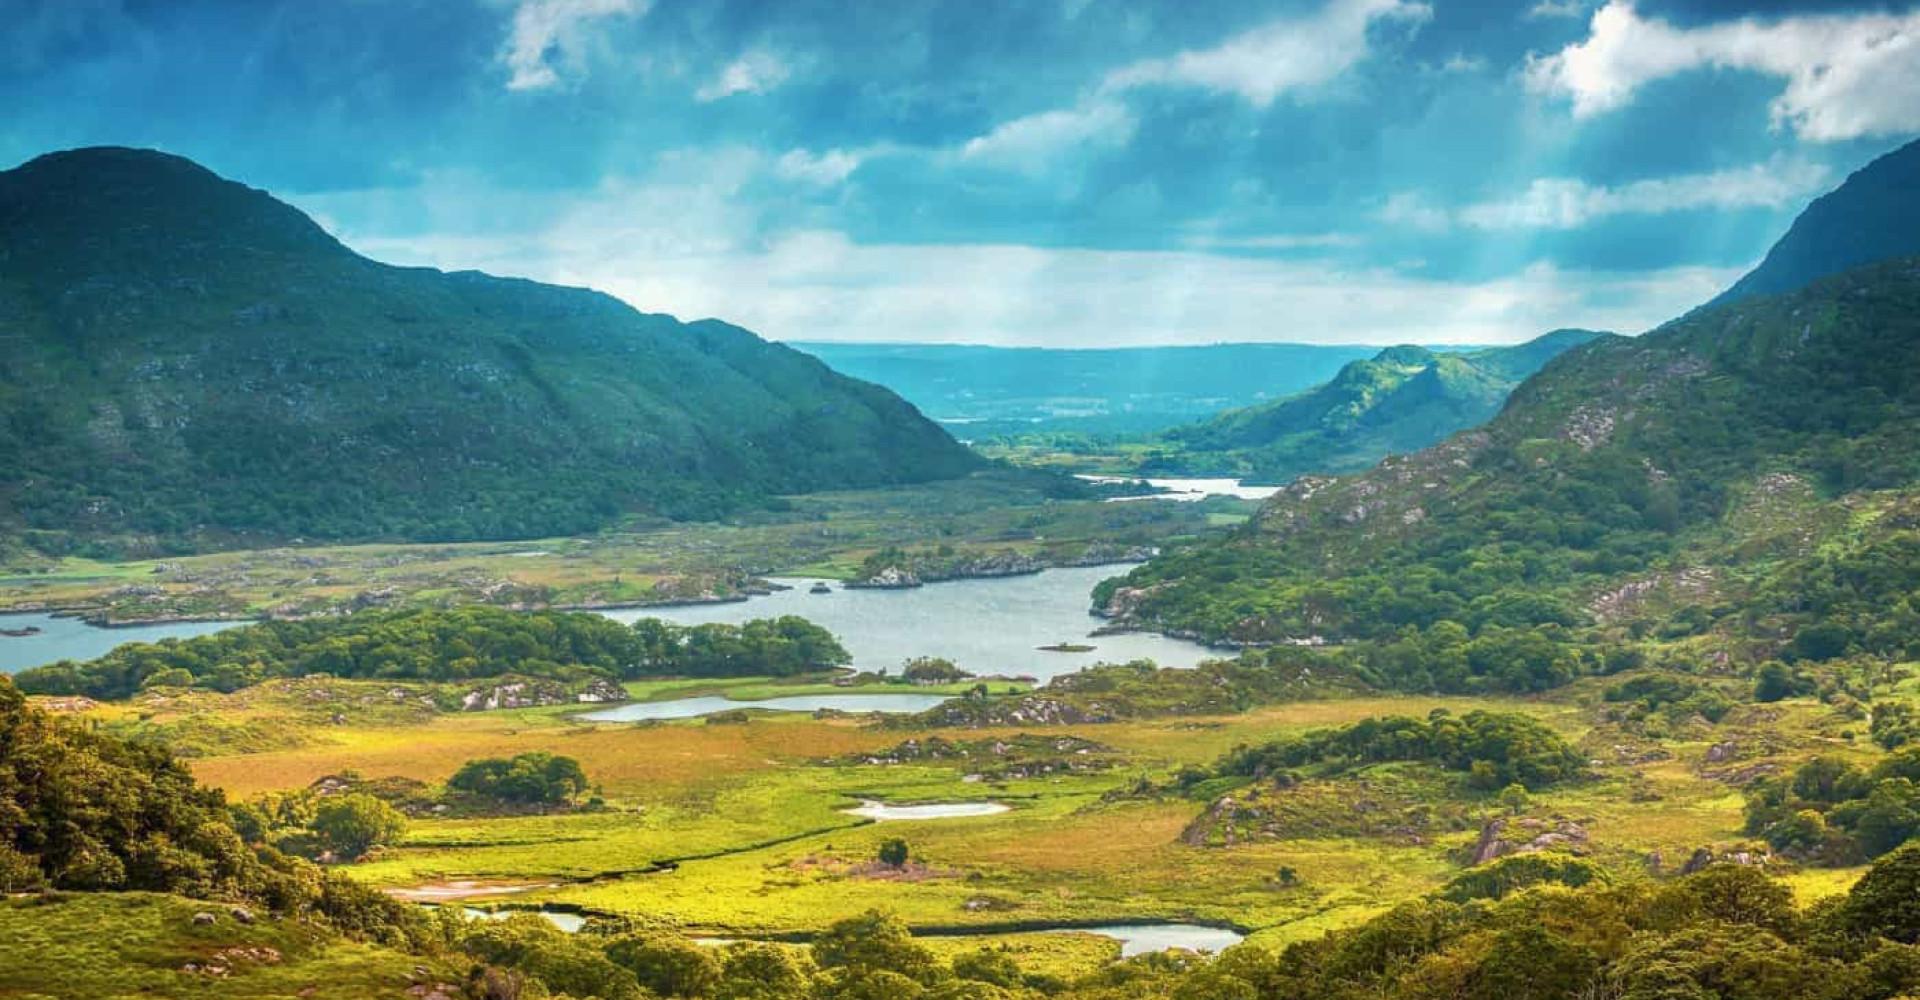 Alla scoperta dell'Irlanda, l'isola di smeraldo